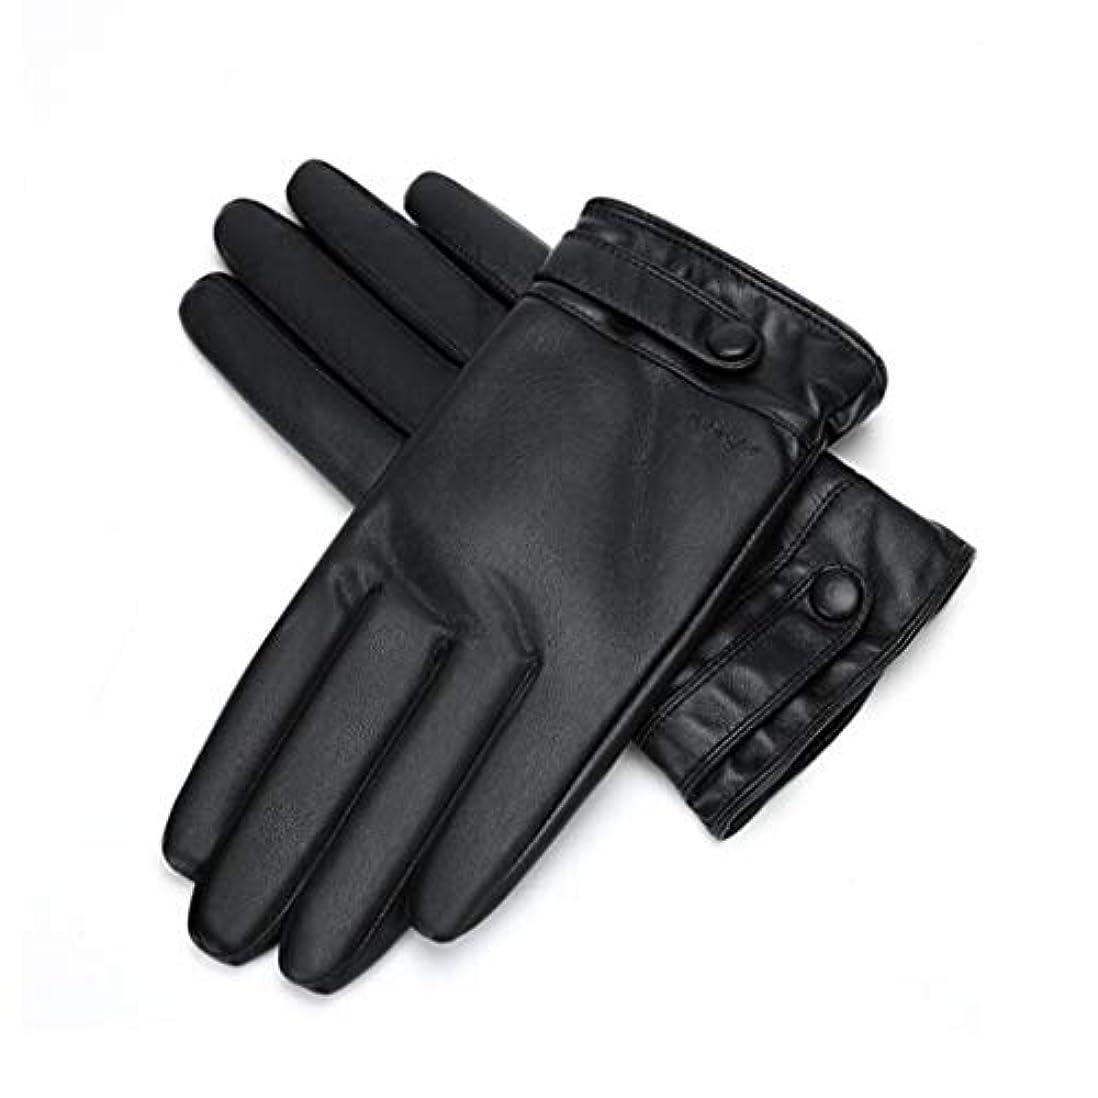 知っているに立ち寄る遅い時間暖かい秋と冬を保つためにメンズ革手袋のタッチスクリーンメンズ自転車厚いぬいぐるみ手袋 (サイズ さいず : L21*8.9cm)